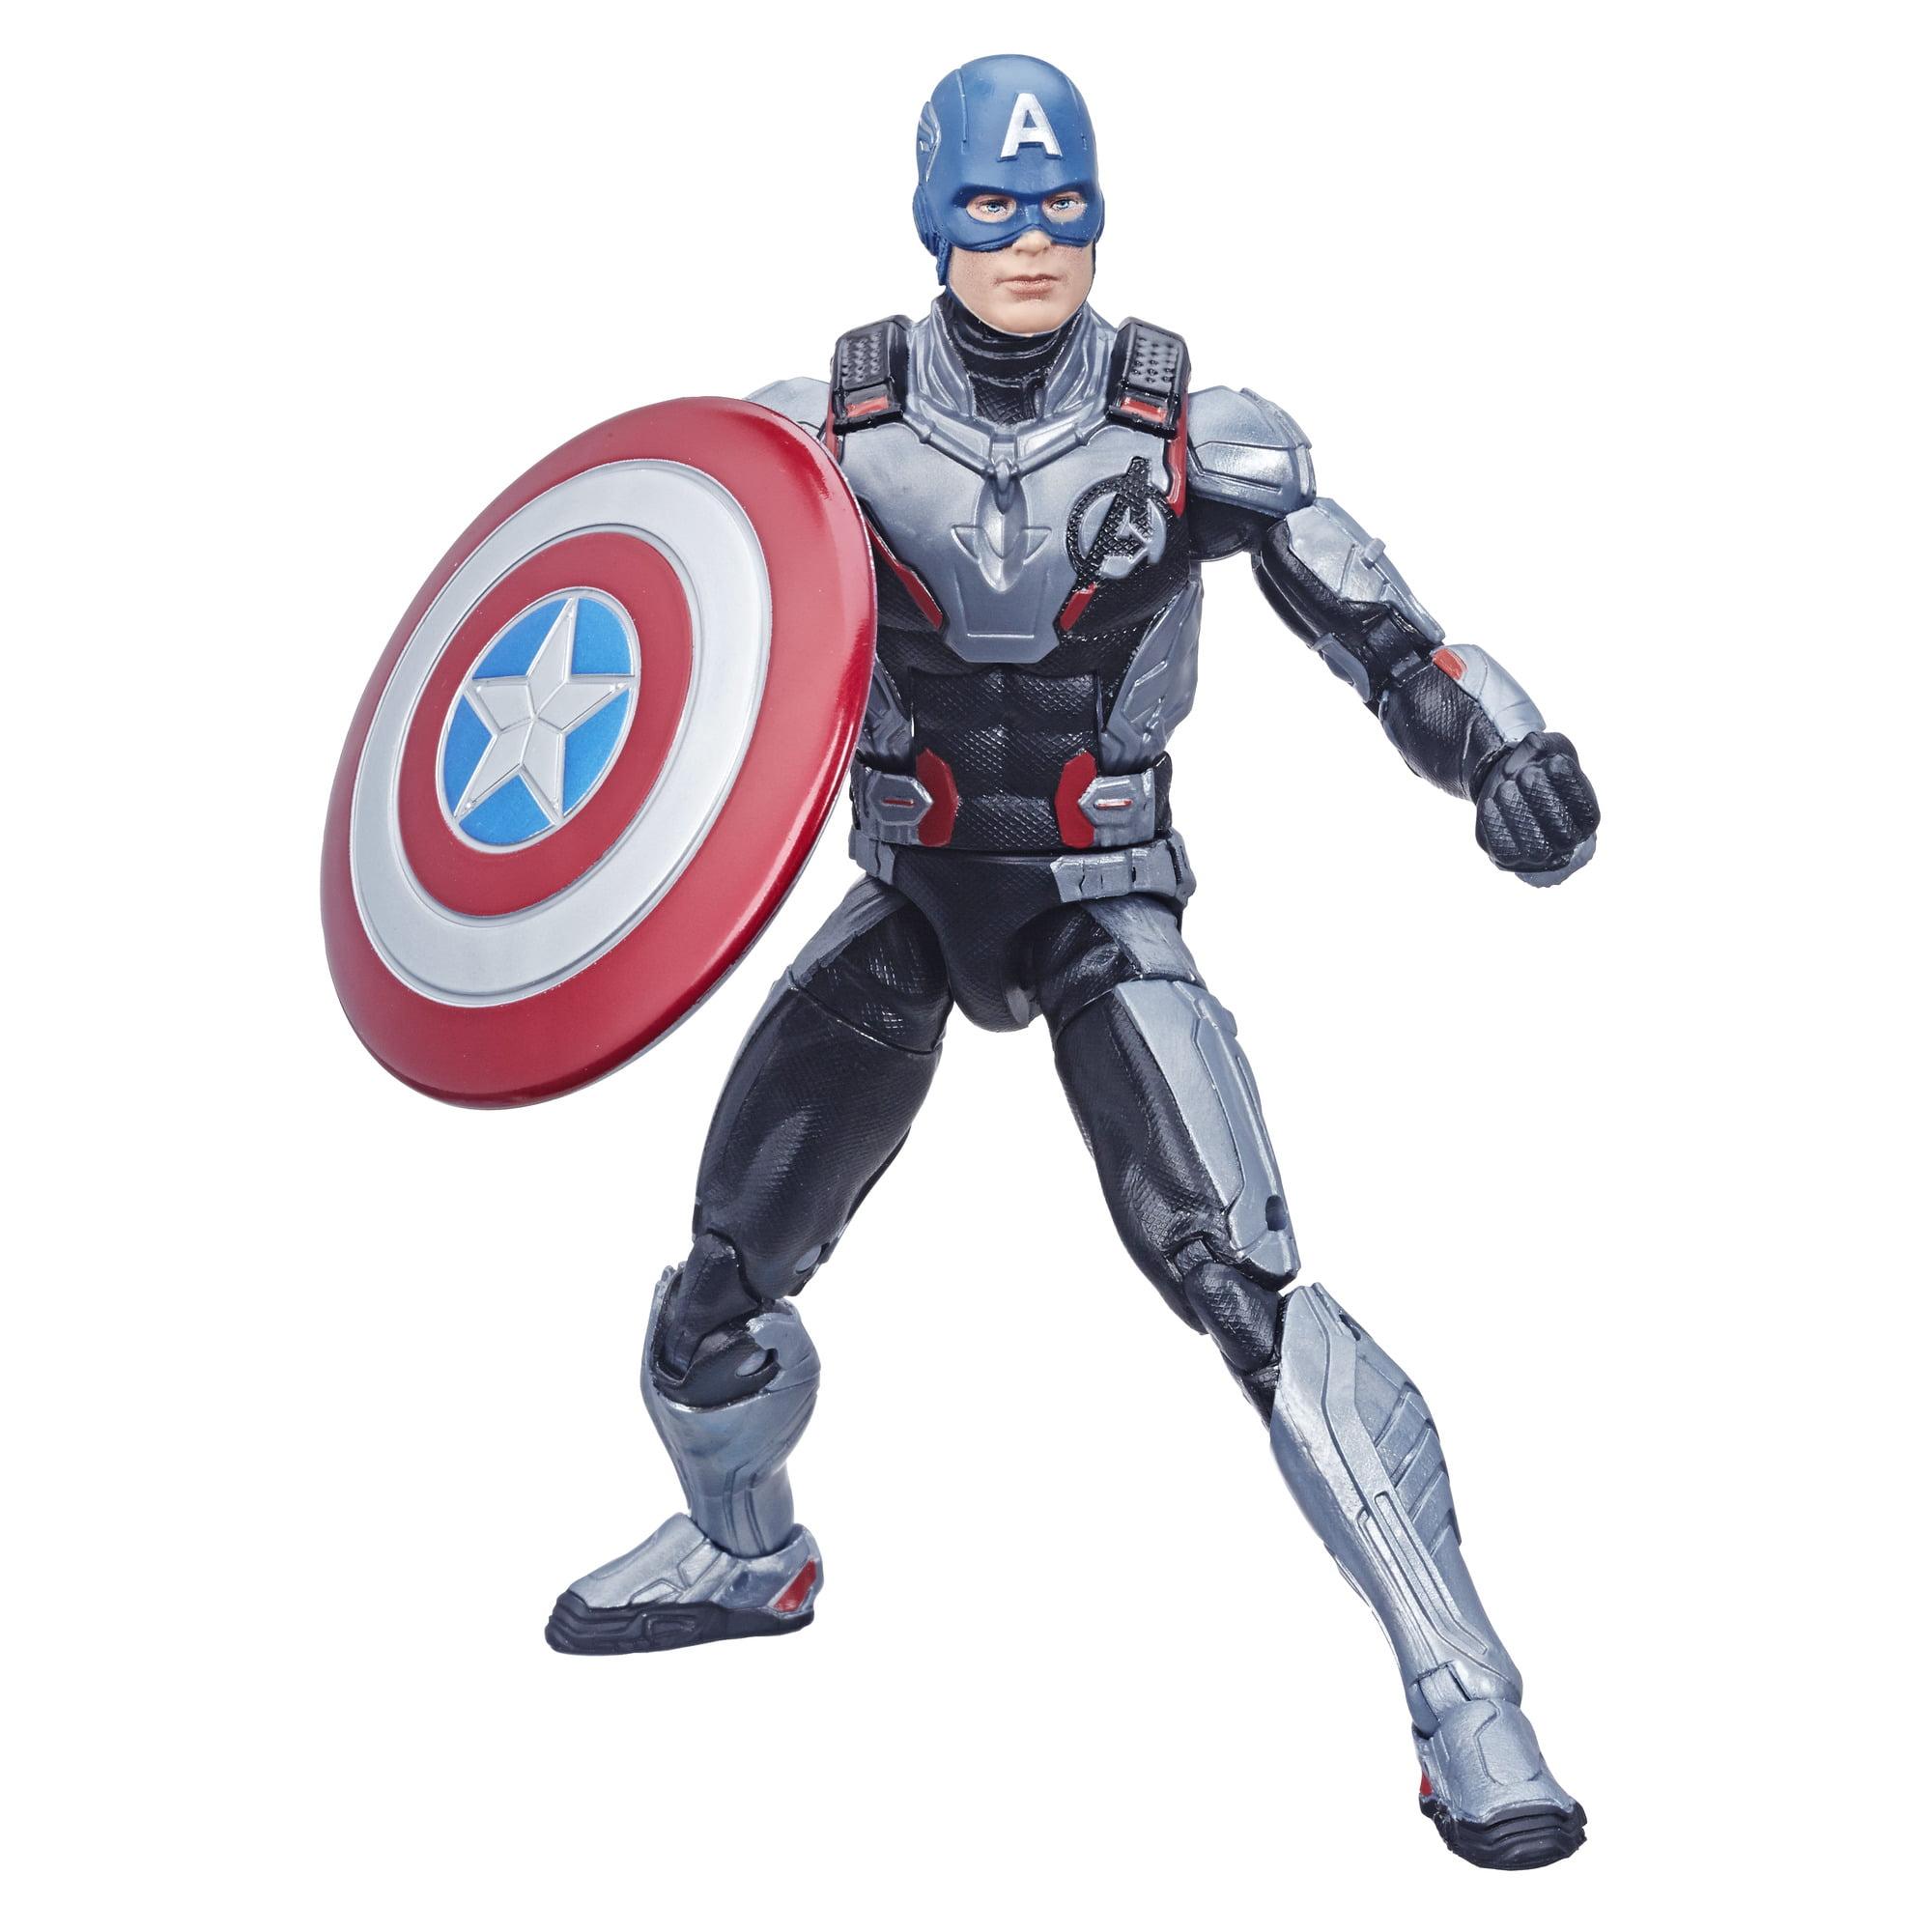 marvel legends series avengers: endgame 6-inch captain america